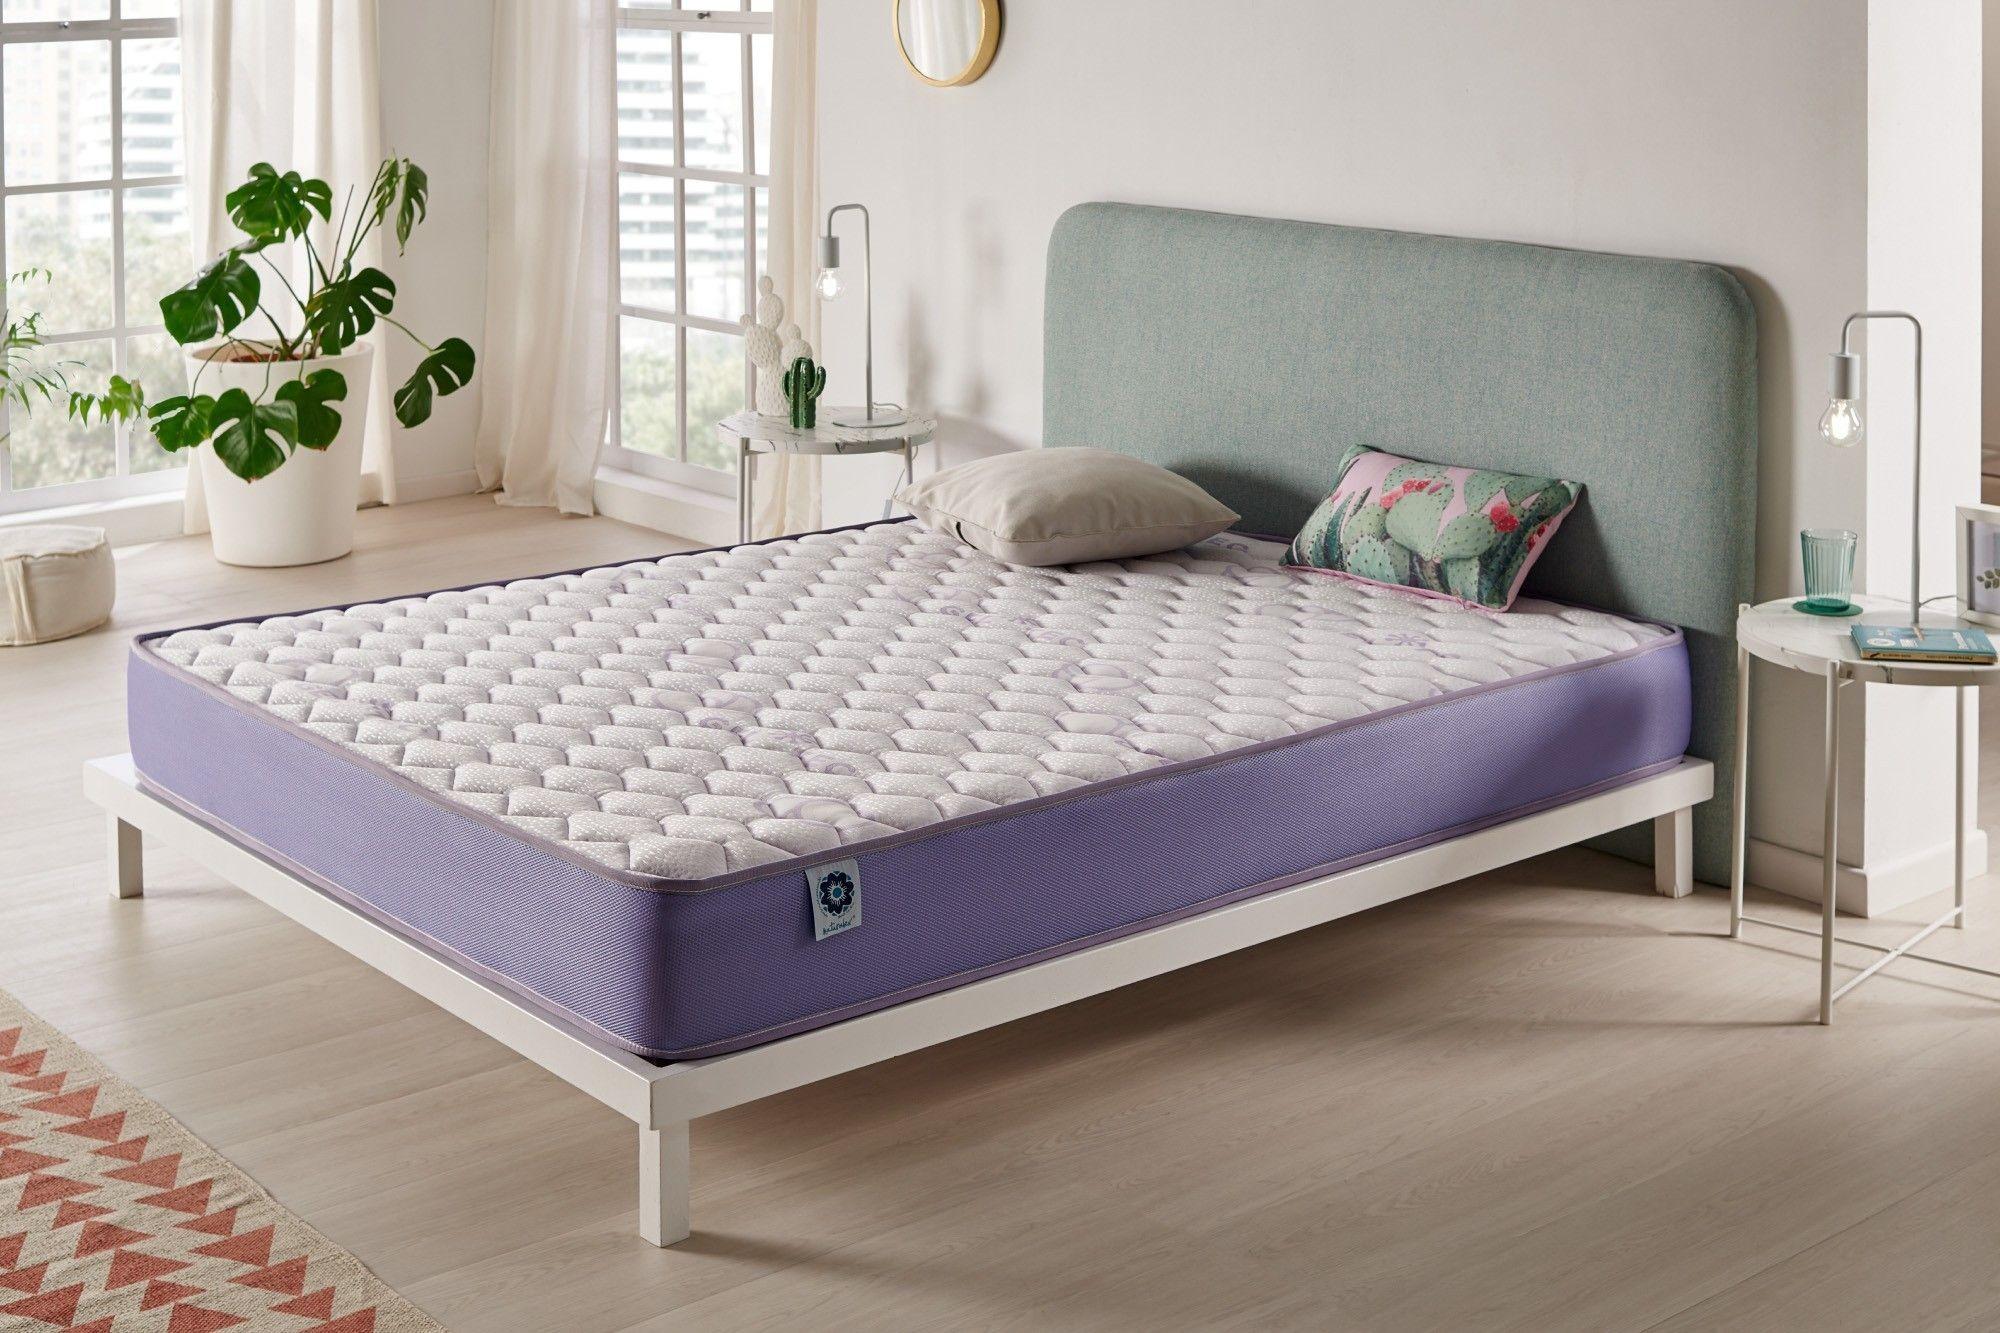 """Geltech matrac friss Memory Foam   Latex   Naturalex ®   Vastagság: 18 cm / 7,09 """""""